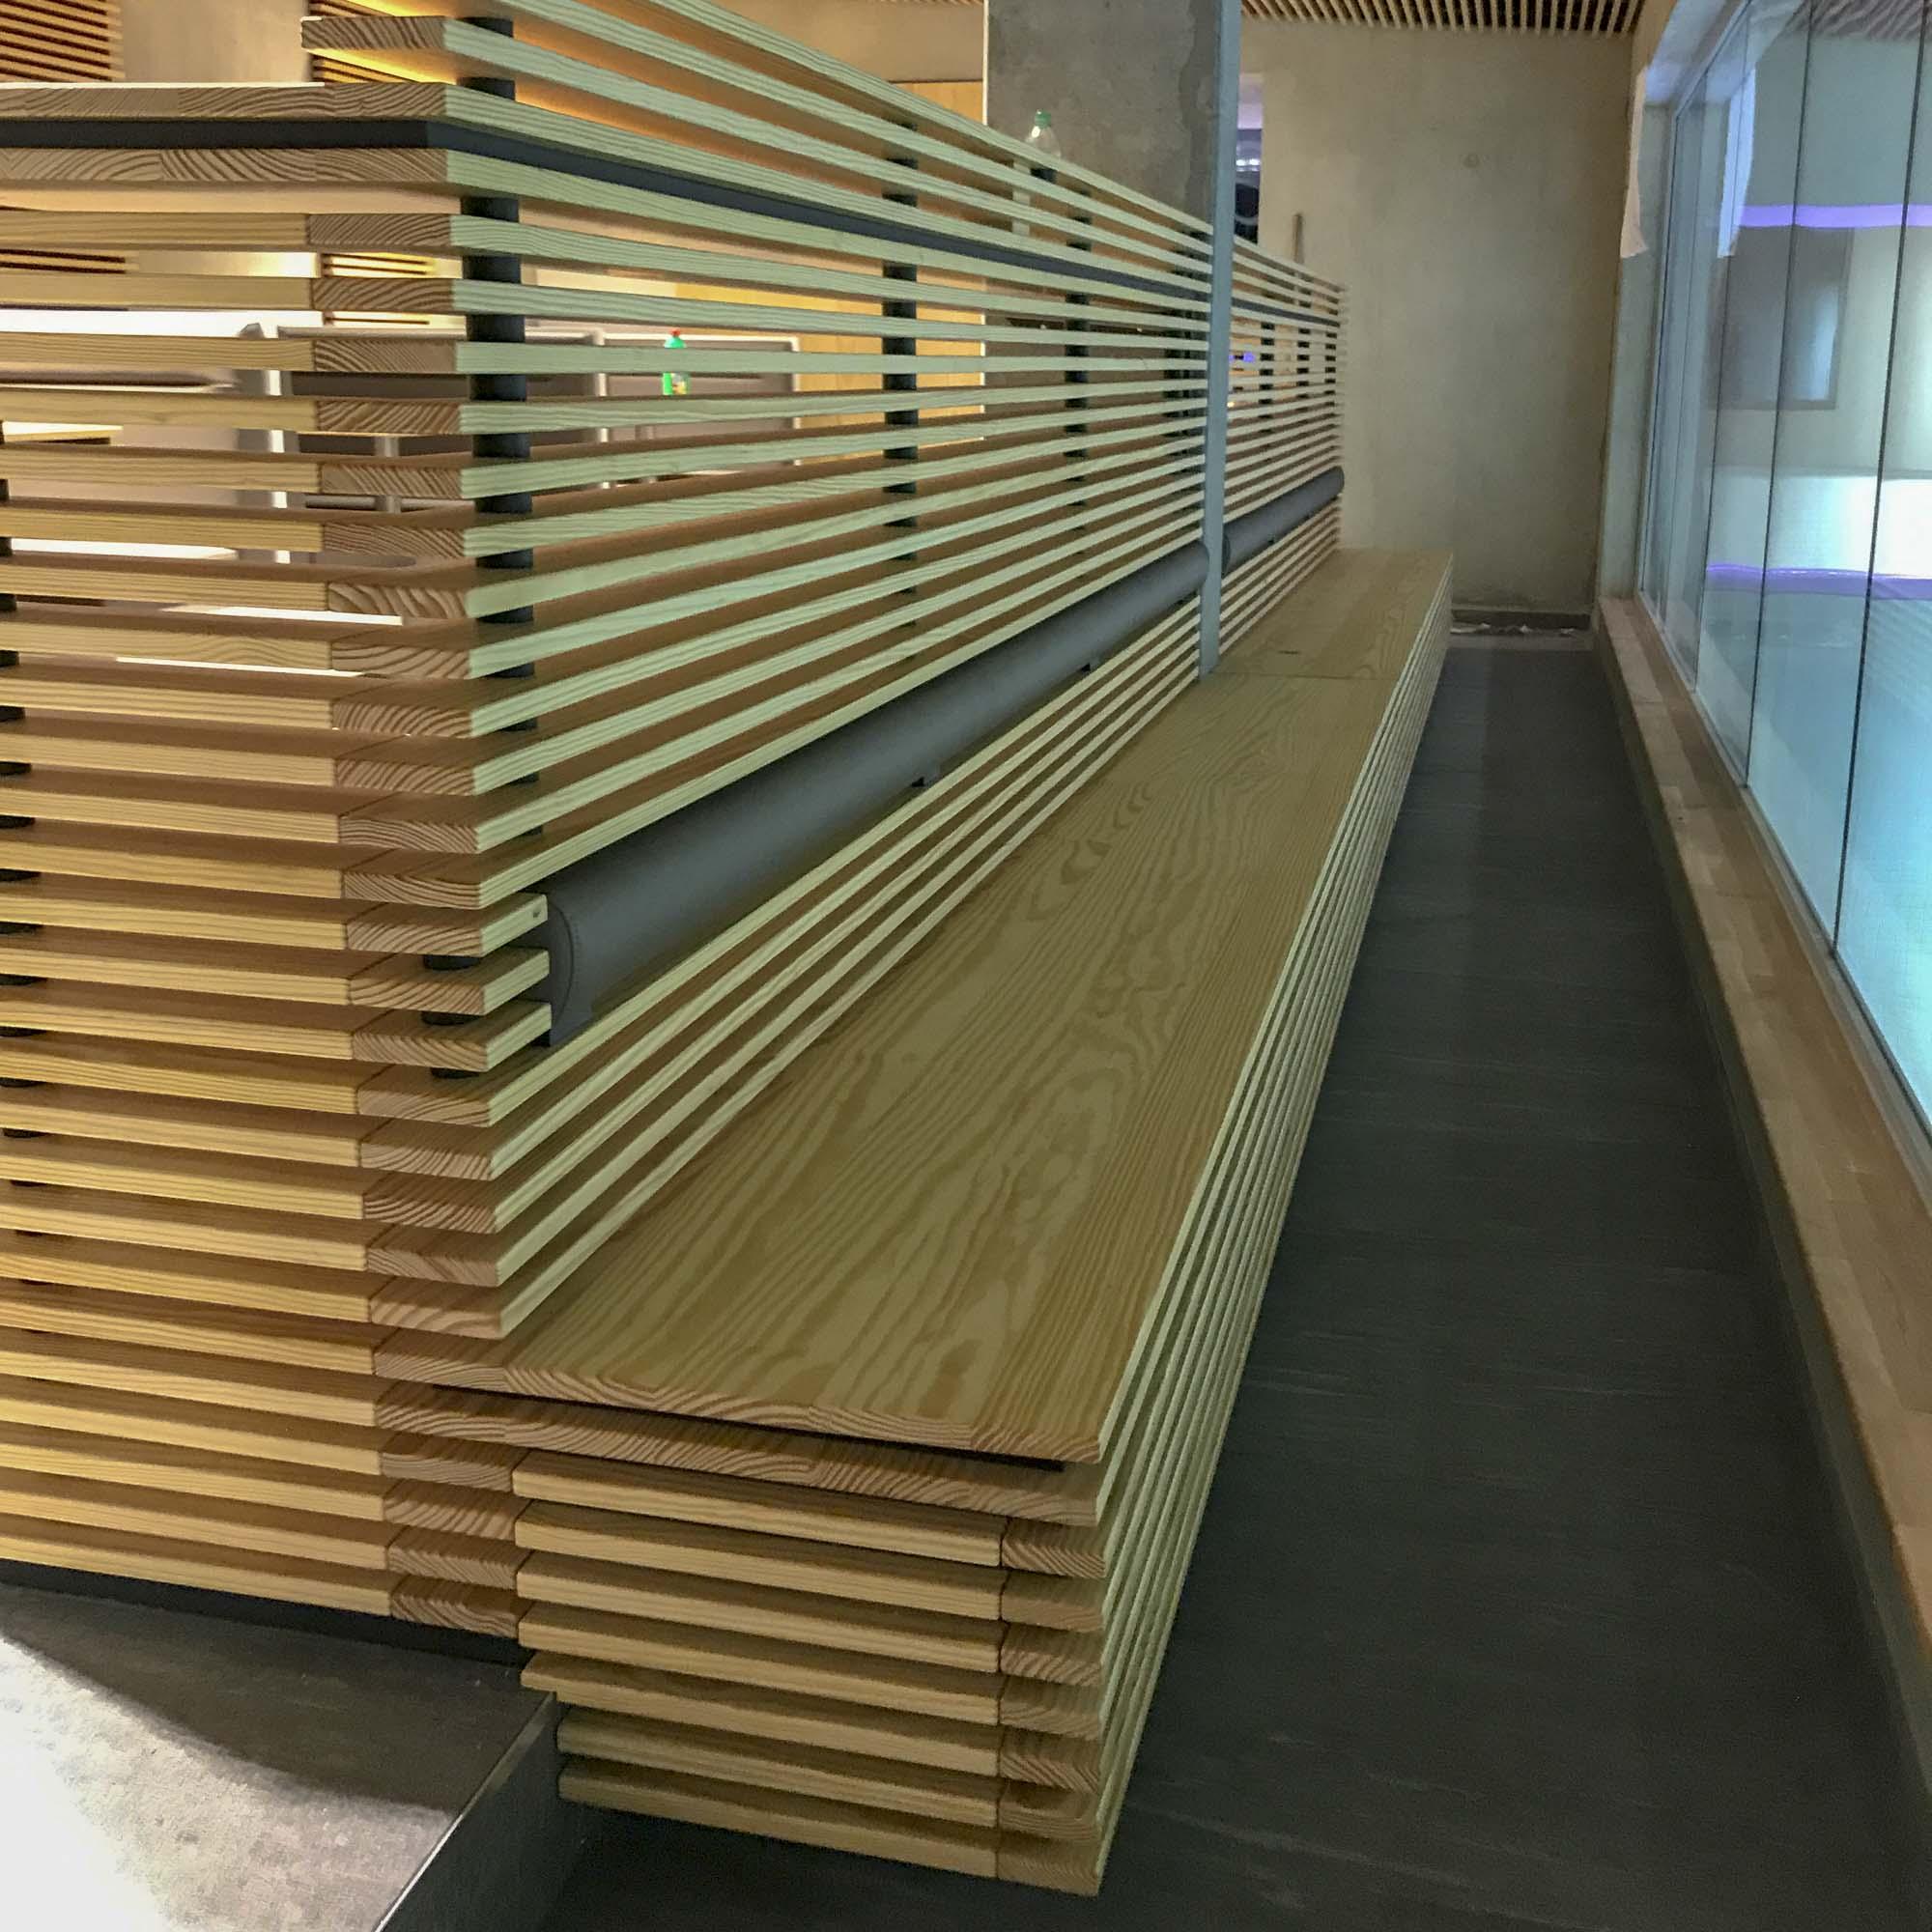 Holzmöbel für Sport-, Fitness- und Wellnessstudios